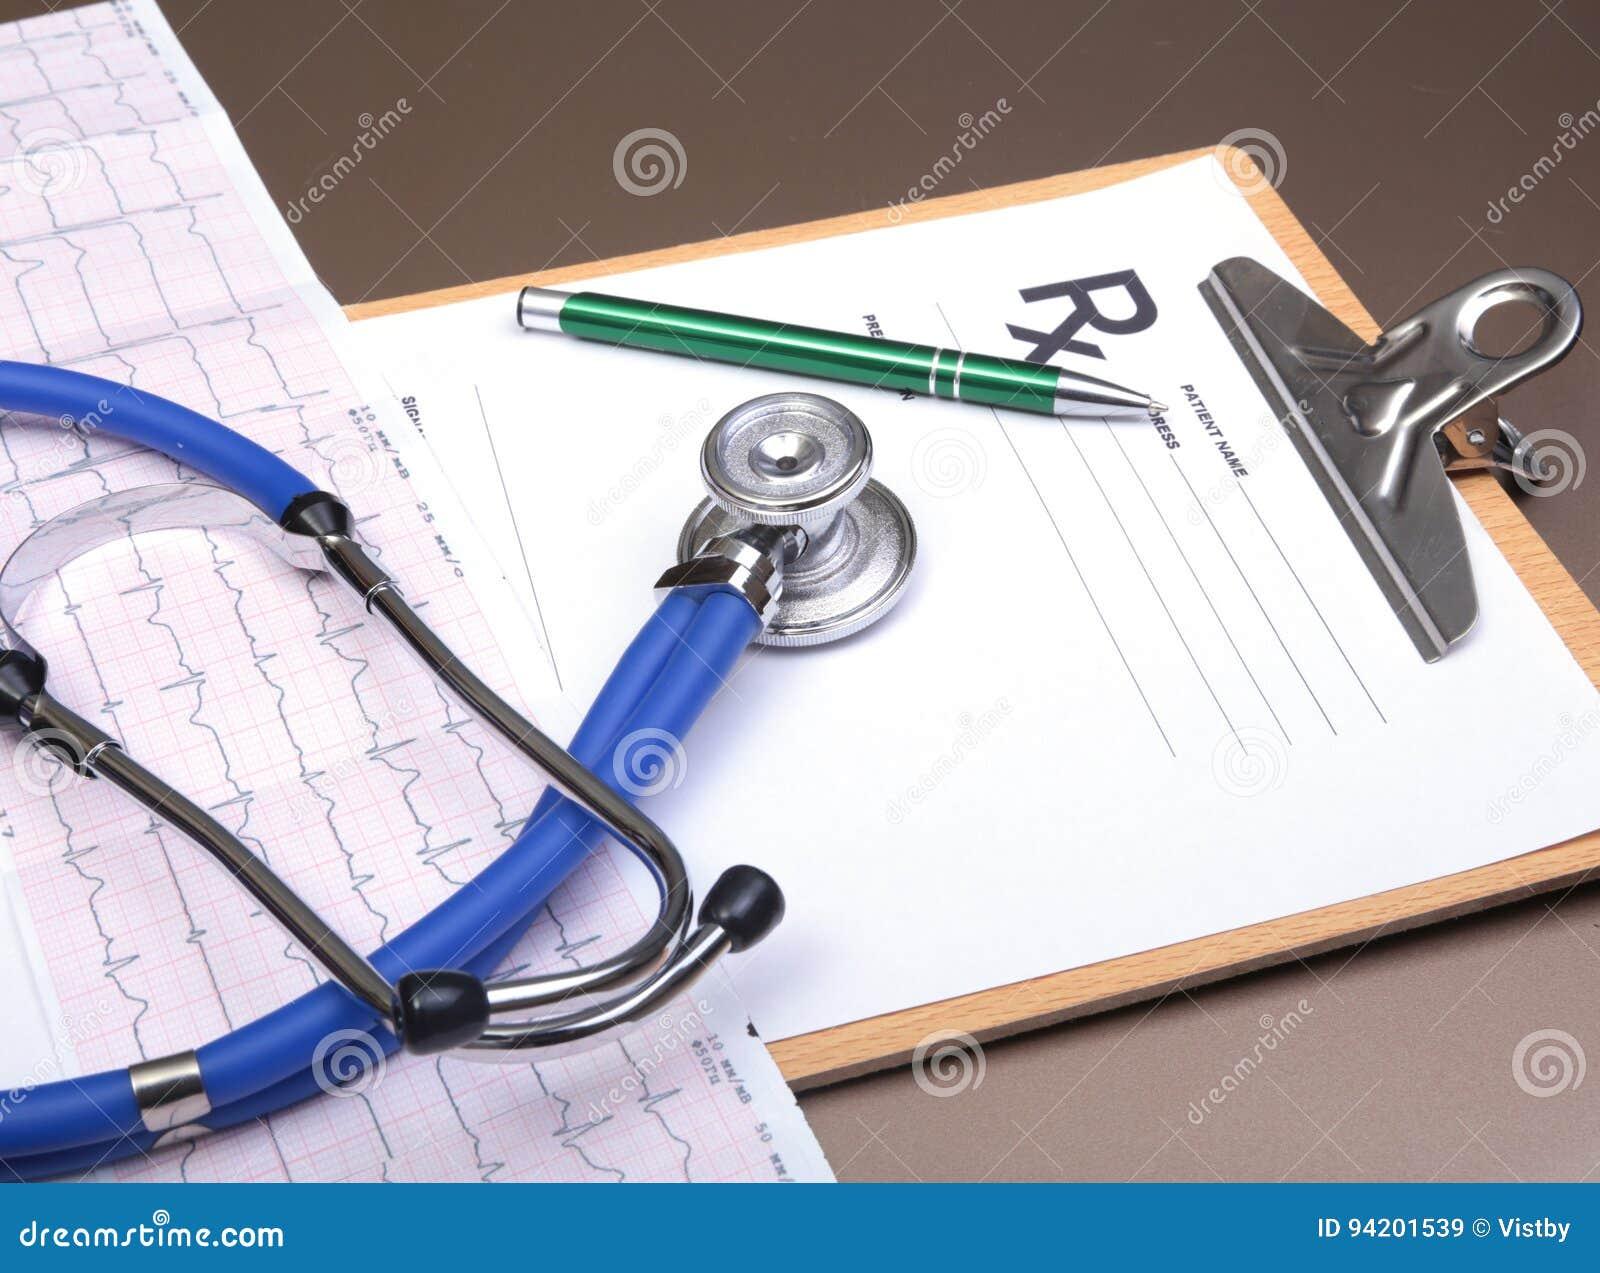 RX συνταγή, κόκκινη καρδιά, χάπια, μετρητής πίεσης του αίματος και ένα στηθοσκόπιο στον πίνακα